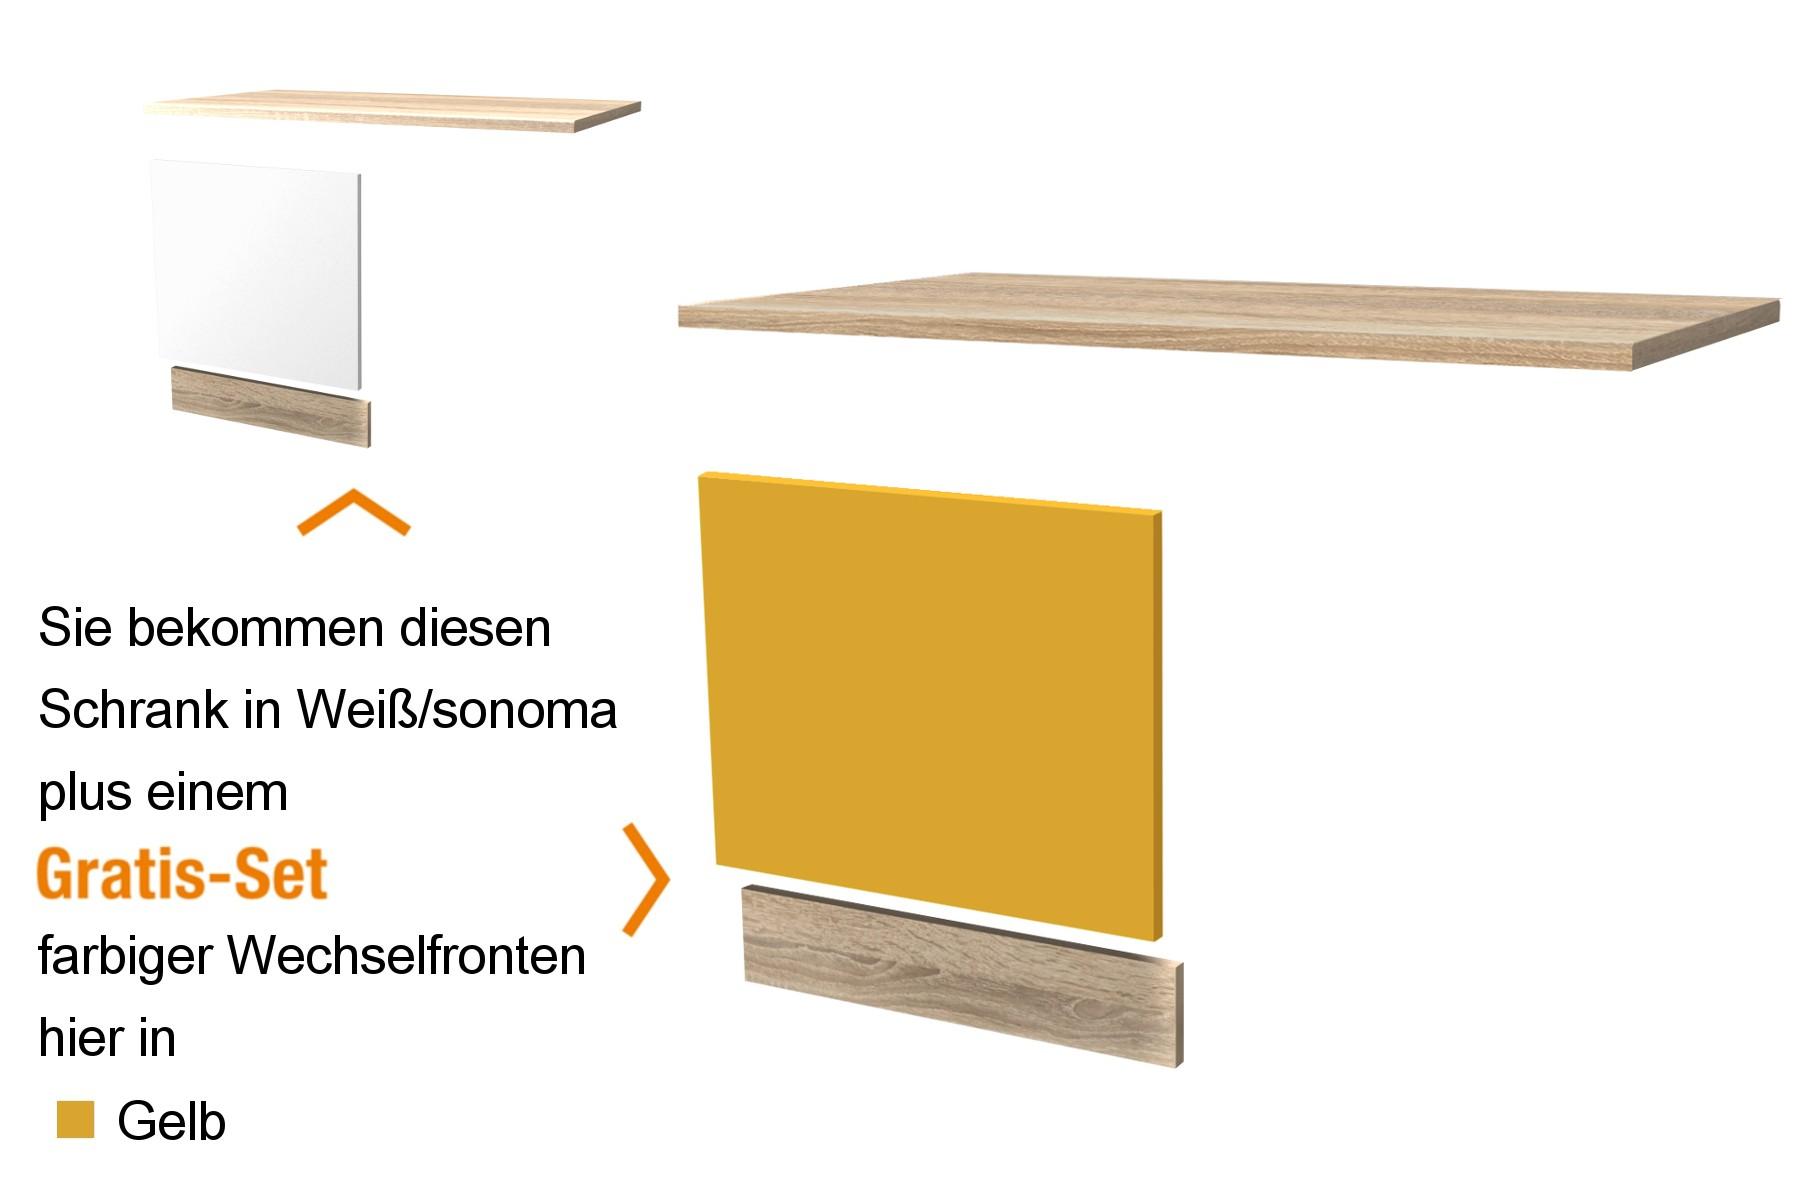 k che wei gelb landhaus vorh nge k che modern wei grau spritzschutz hochkant arbeitsplatte. Black Bedroom Furniture Sets. Home Design Ideas